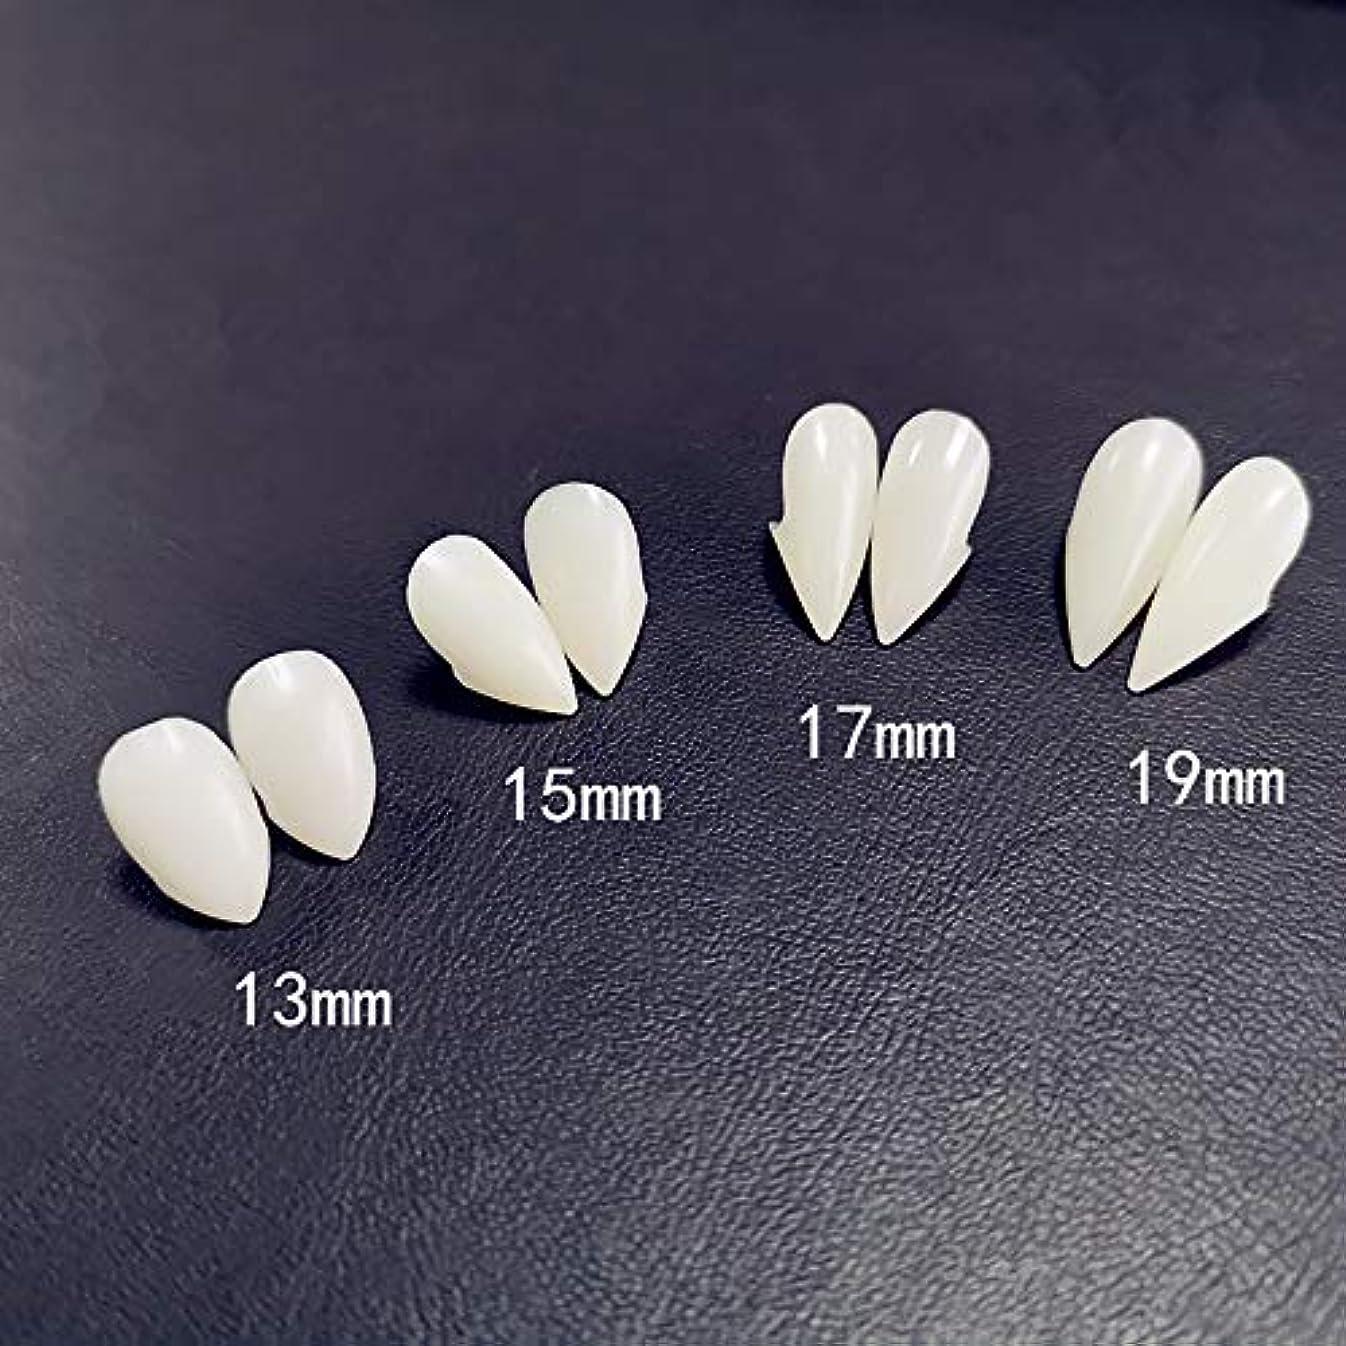 専門用語スポンジ最後の6ペア牙キット歯の入れ歯歯の牙入れ歯小道具ハロウィーンの衣装小道具パーティーの好意休日DIYの装飾ホラー大人のための子供,13mm